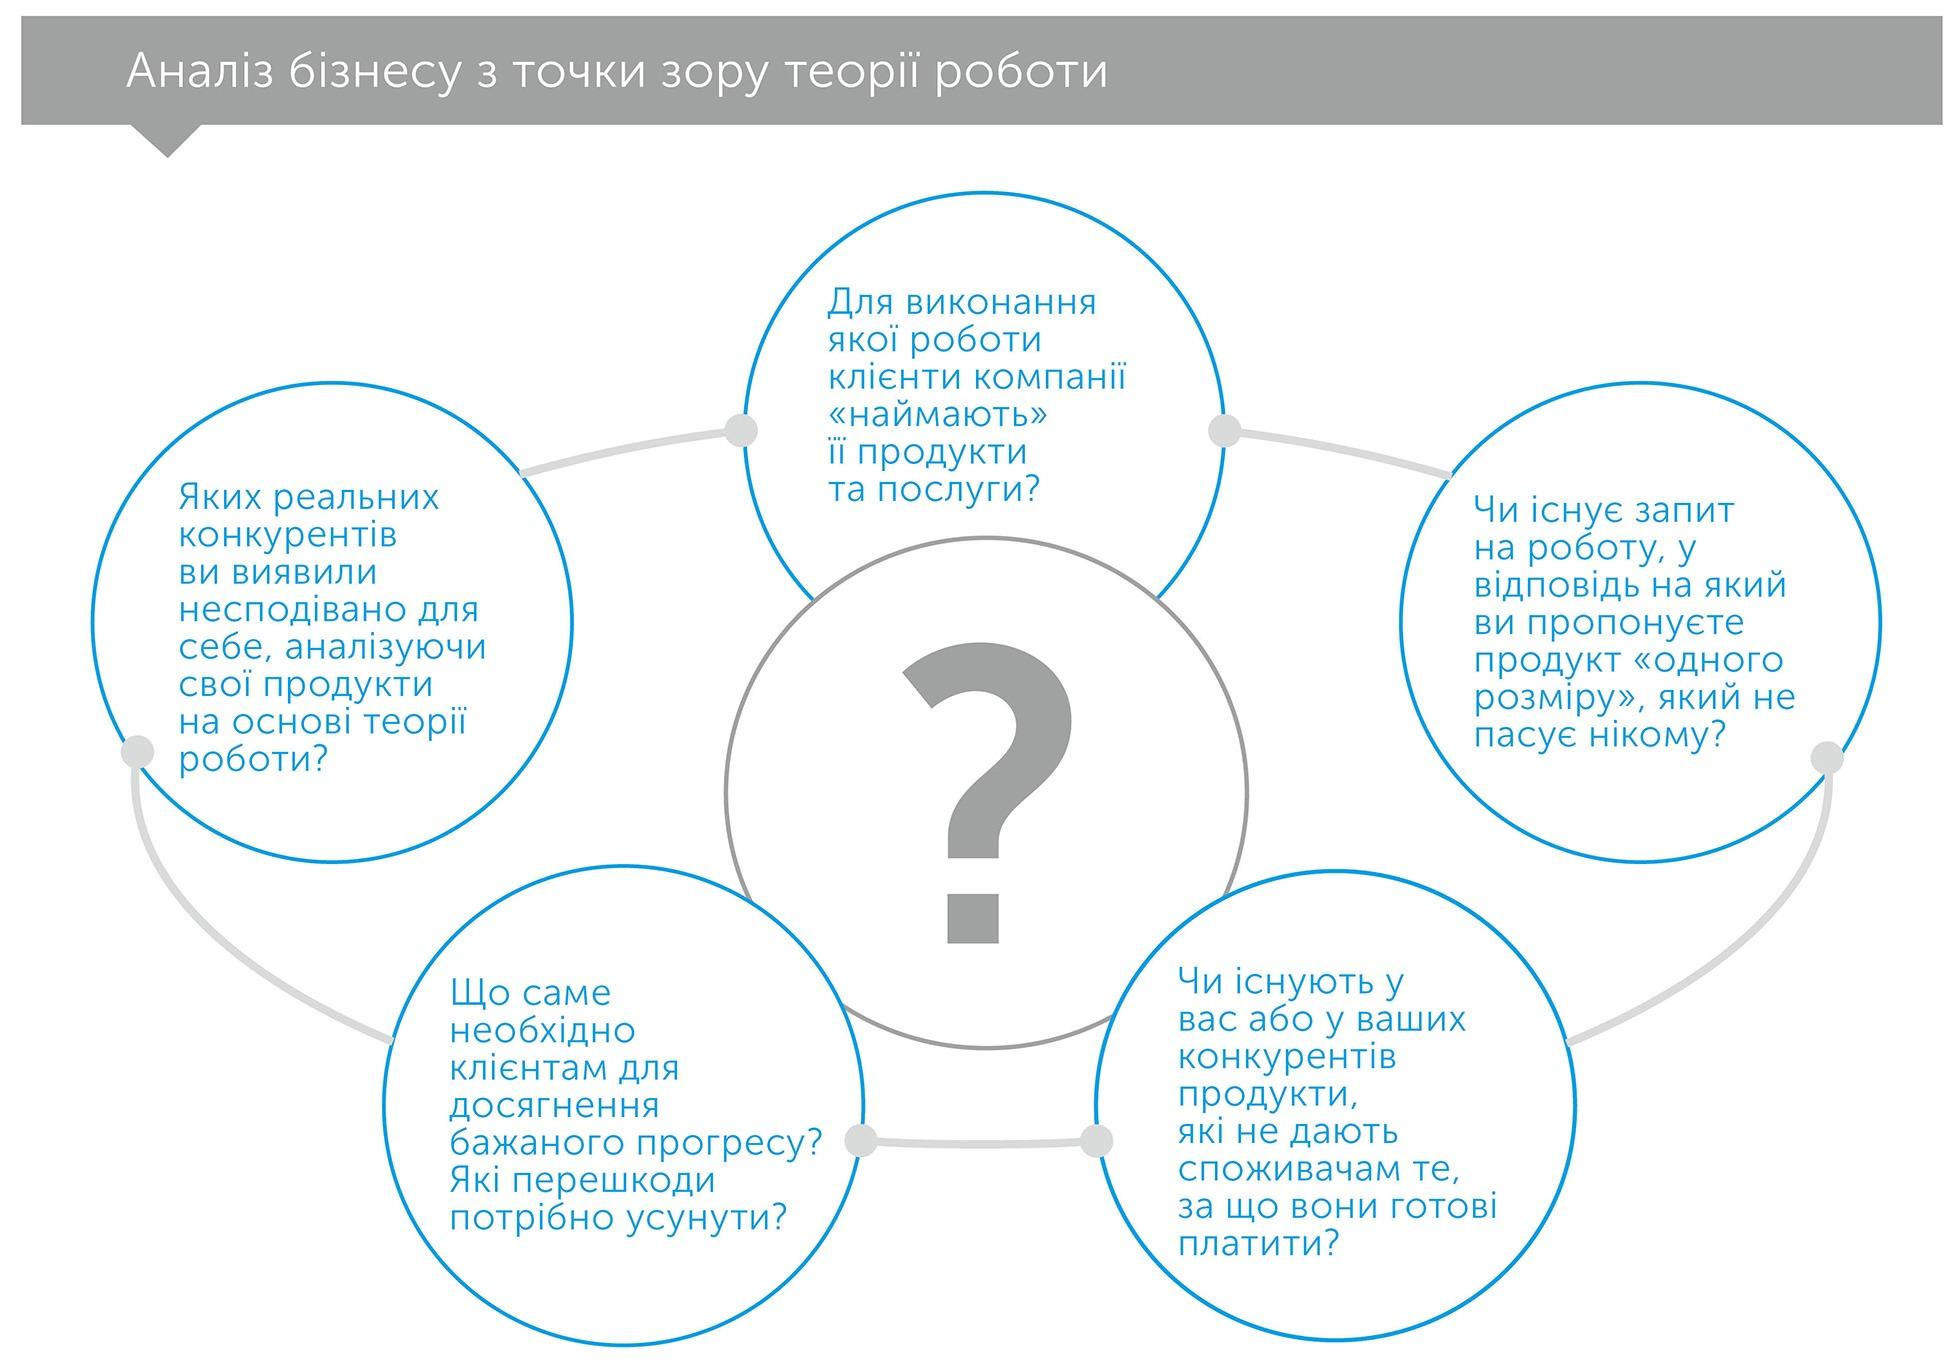 Як конкурувати, не покладаючись на удачу: історія про інновації та вибір споживача, автор Карен Діллон   Kyivstar Business Hub, зображення №3